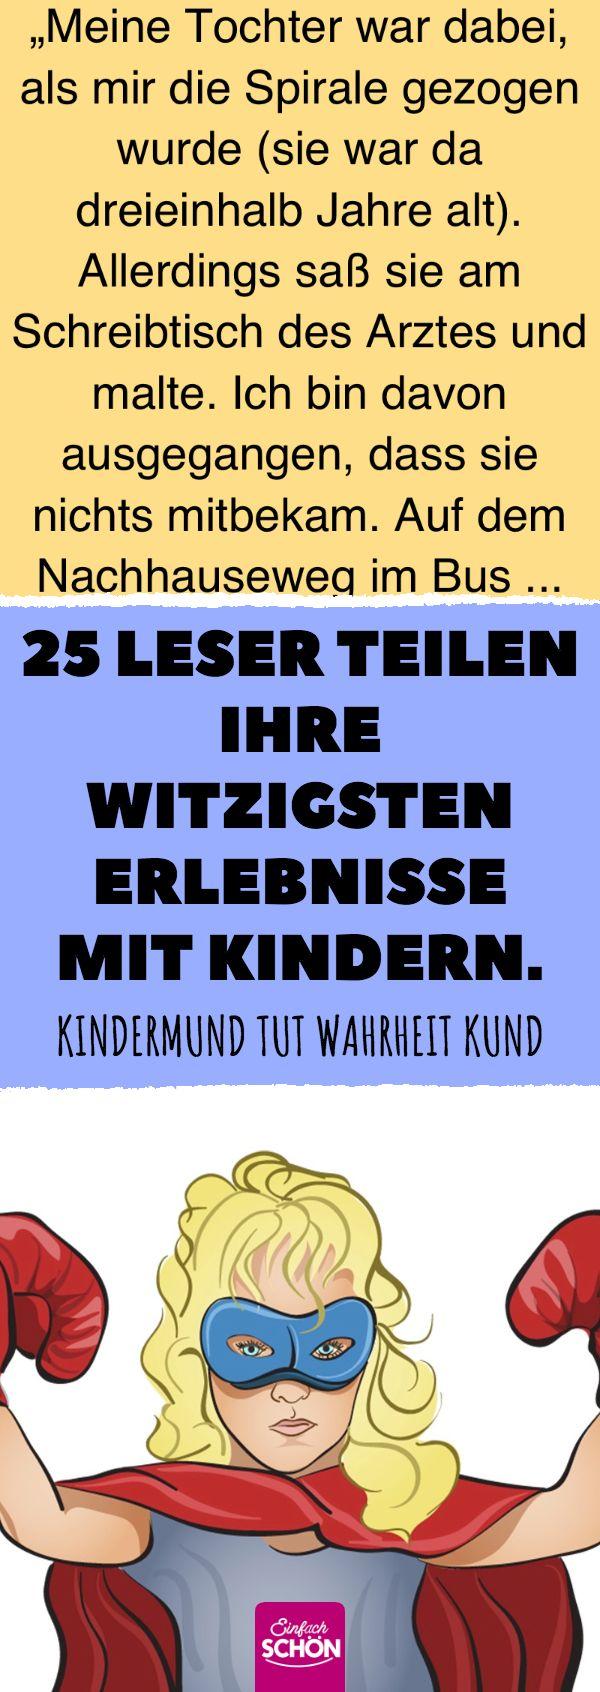 25 Leser teilen ihre witzigsten Erlebnisse mit Kindern. #humor #lachen #kinder